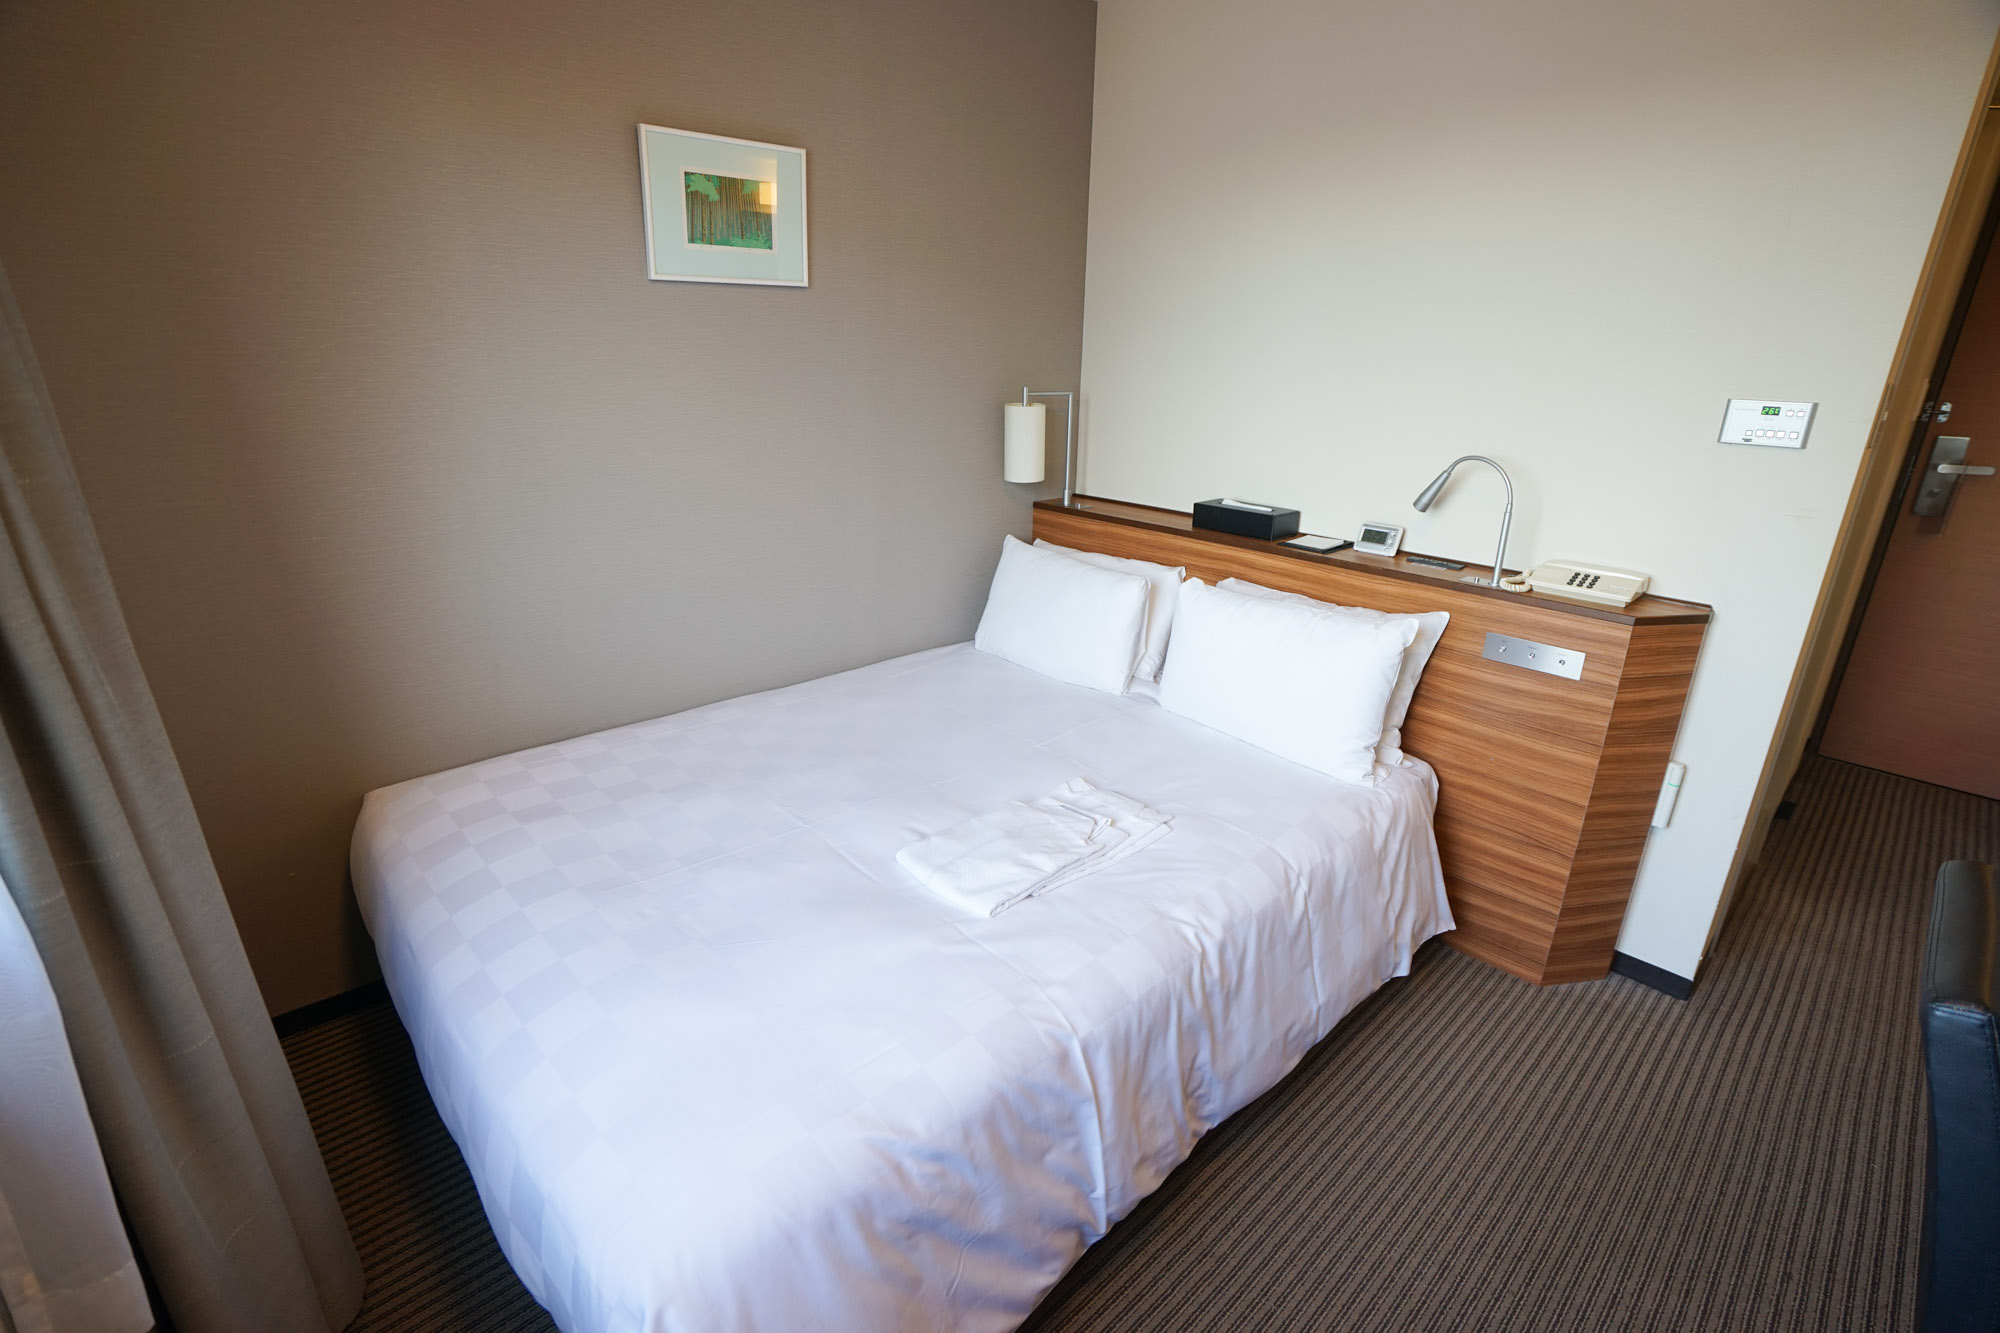 ベッドは幅140cmのダブルベッドで、ゆったりと過ごす事ができますよ。